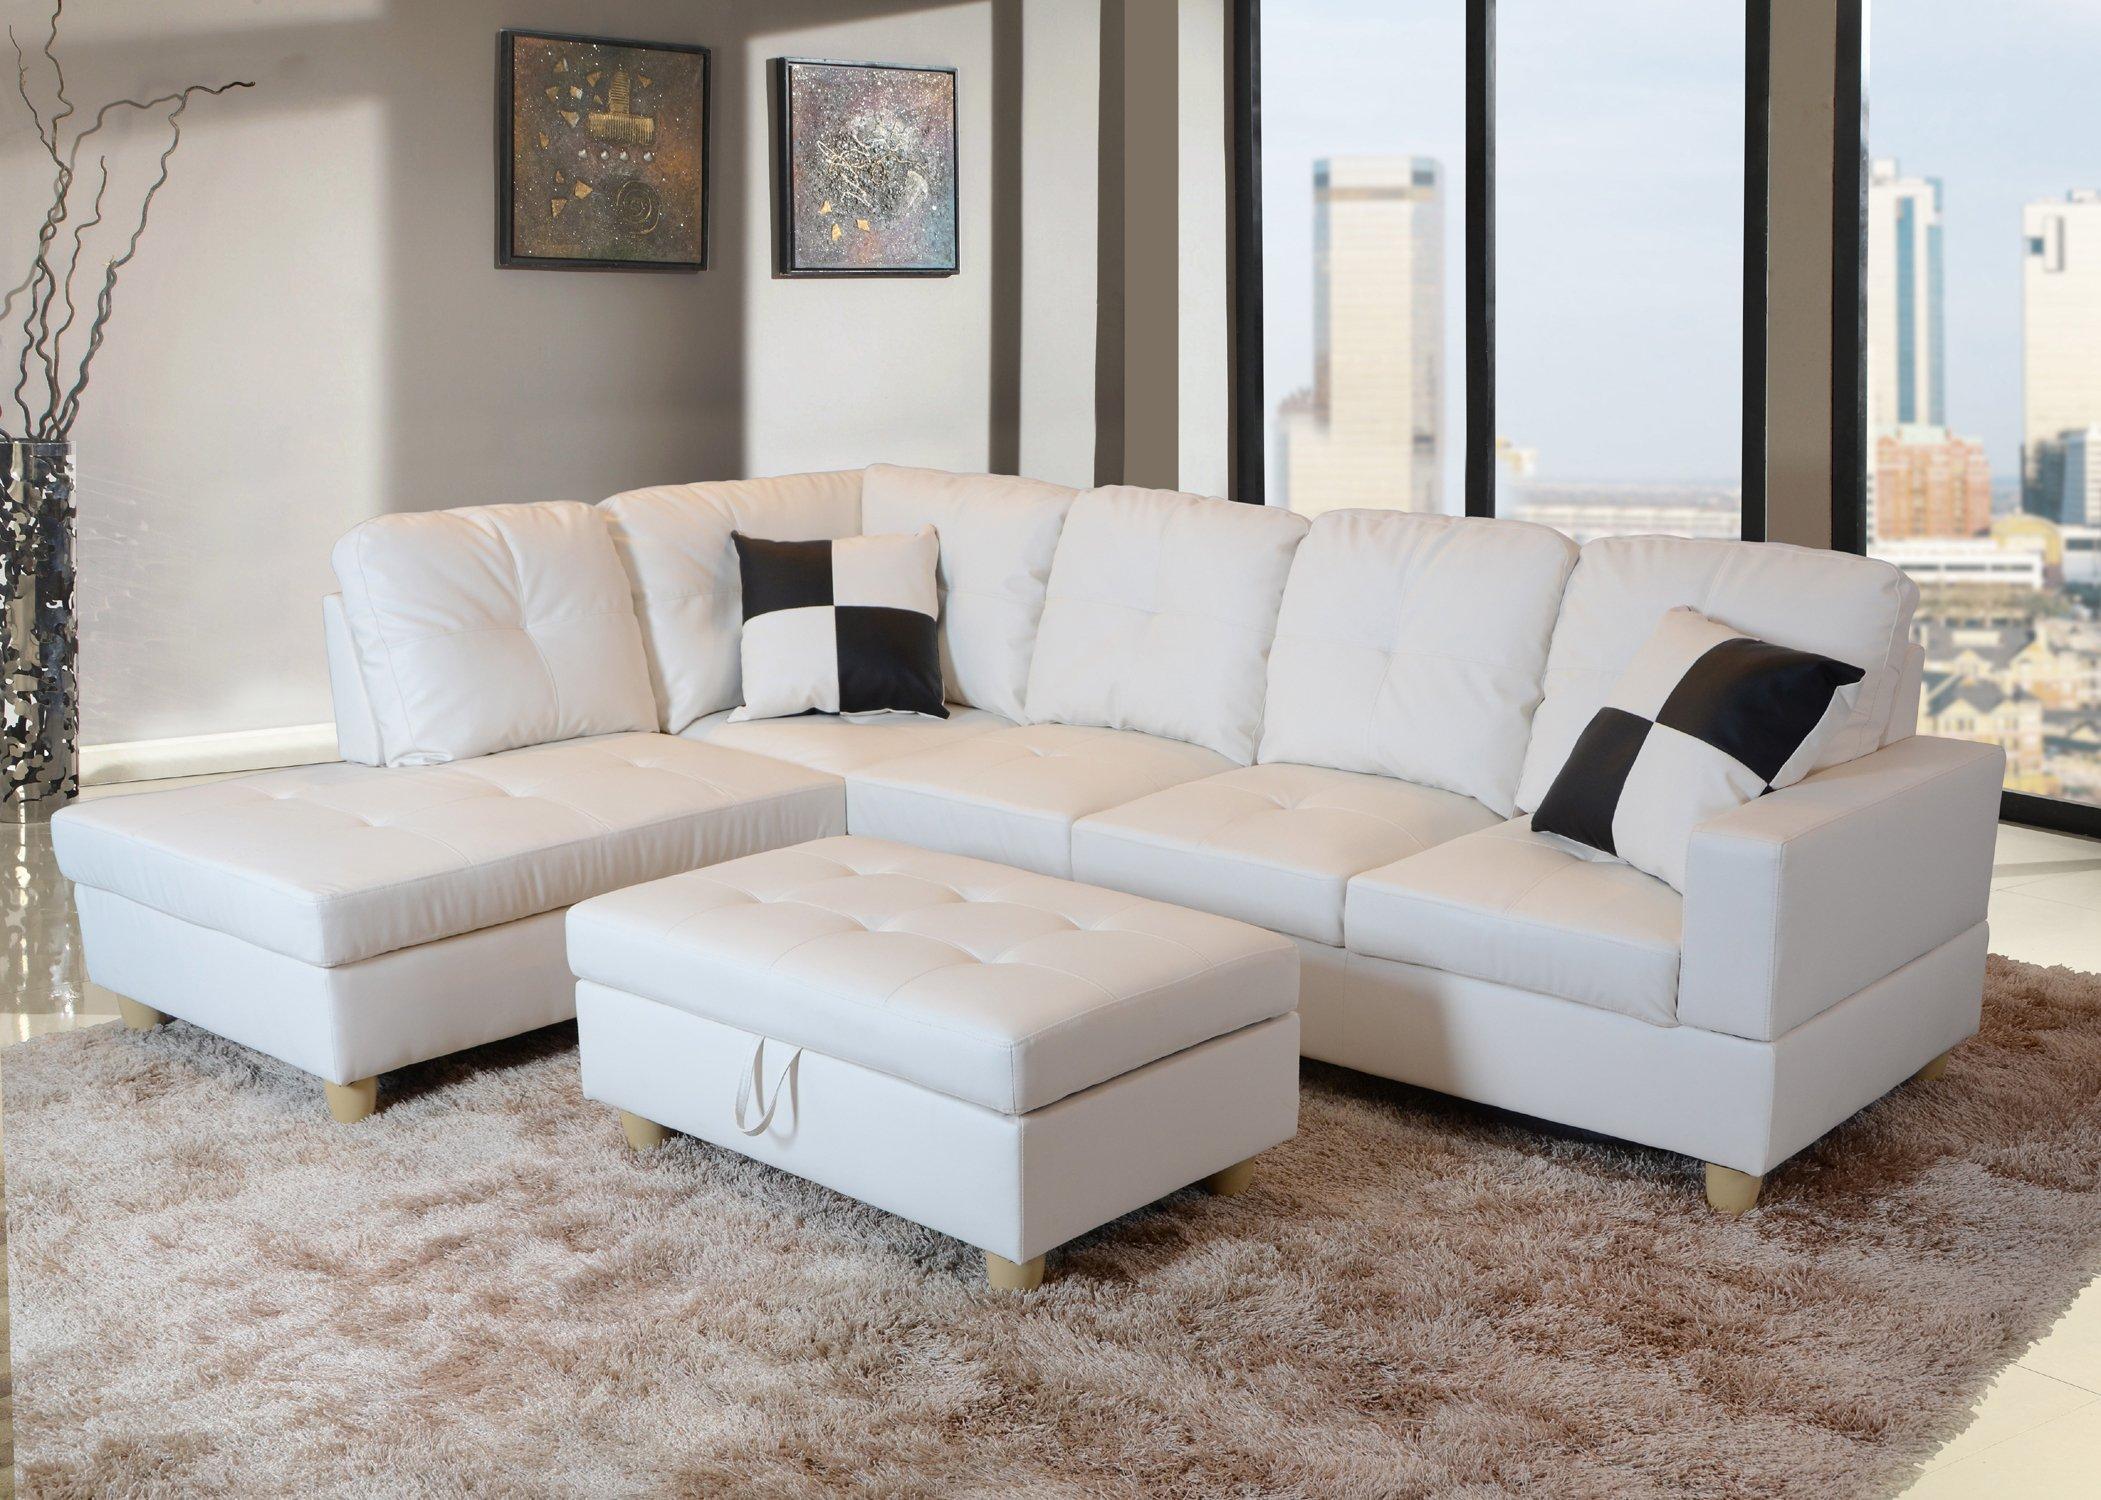 Incredible Buy 3 Pcs Sectional Set Faux Leather Caramel Espresso Color Spiritservingveterans Wood Chair Design Ideas Spiritservingveteransorg